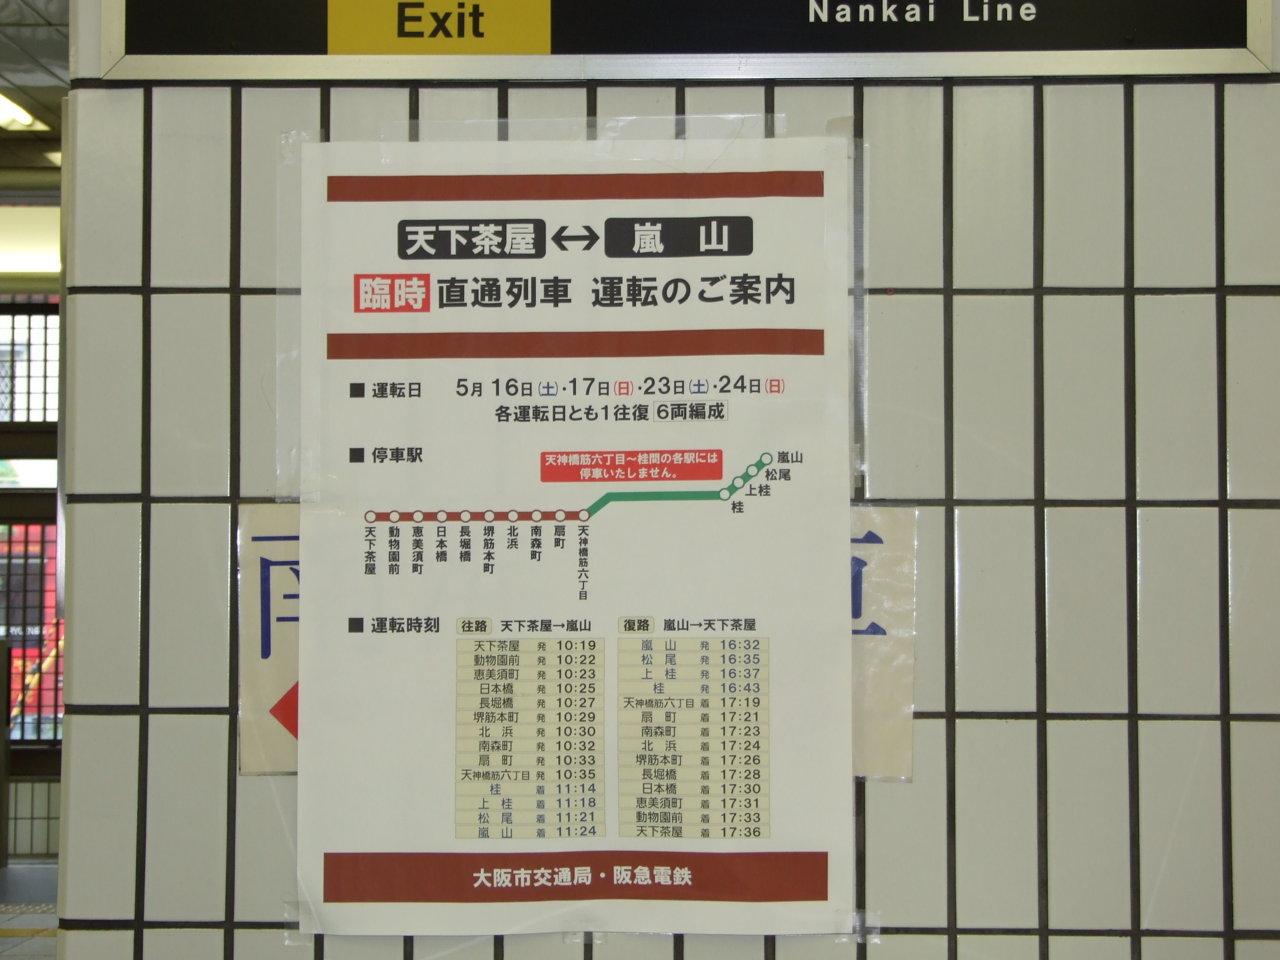 嵐山行臨時直通列車[鉄道]